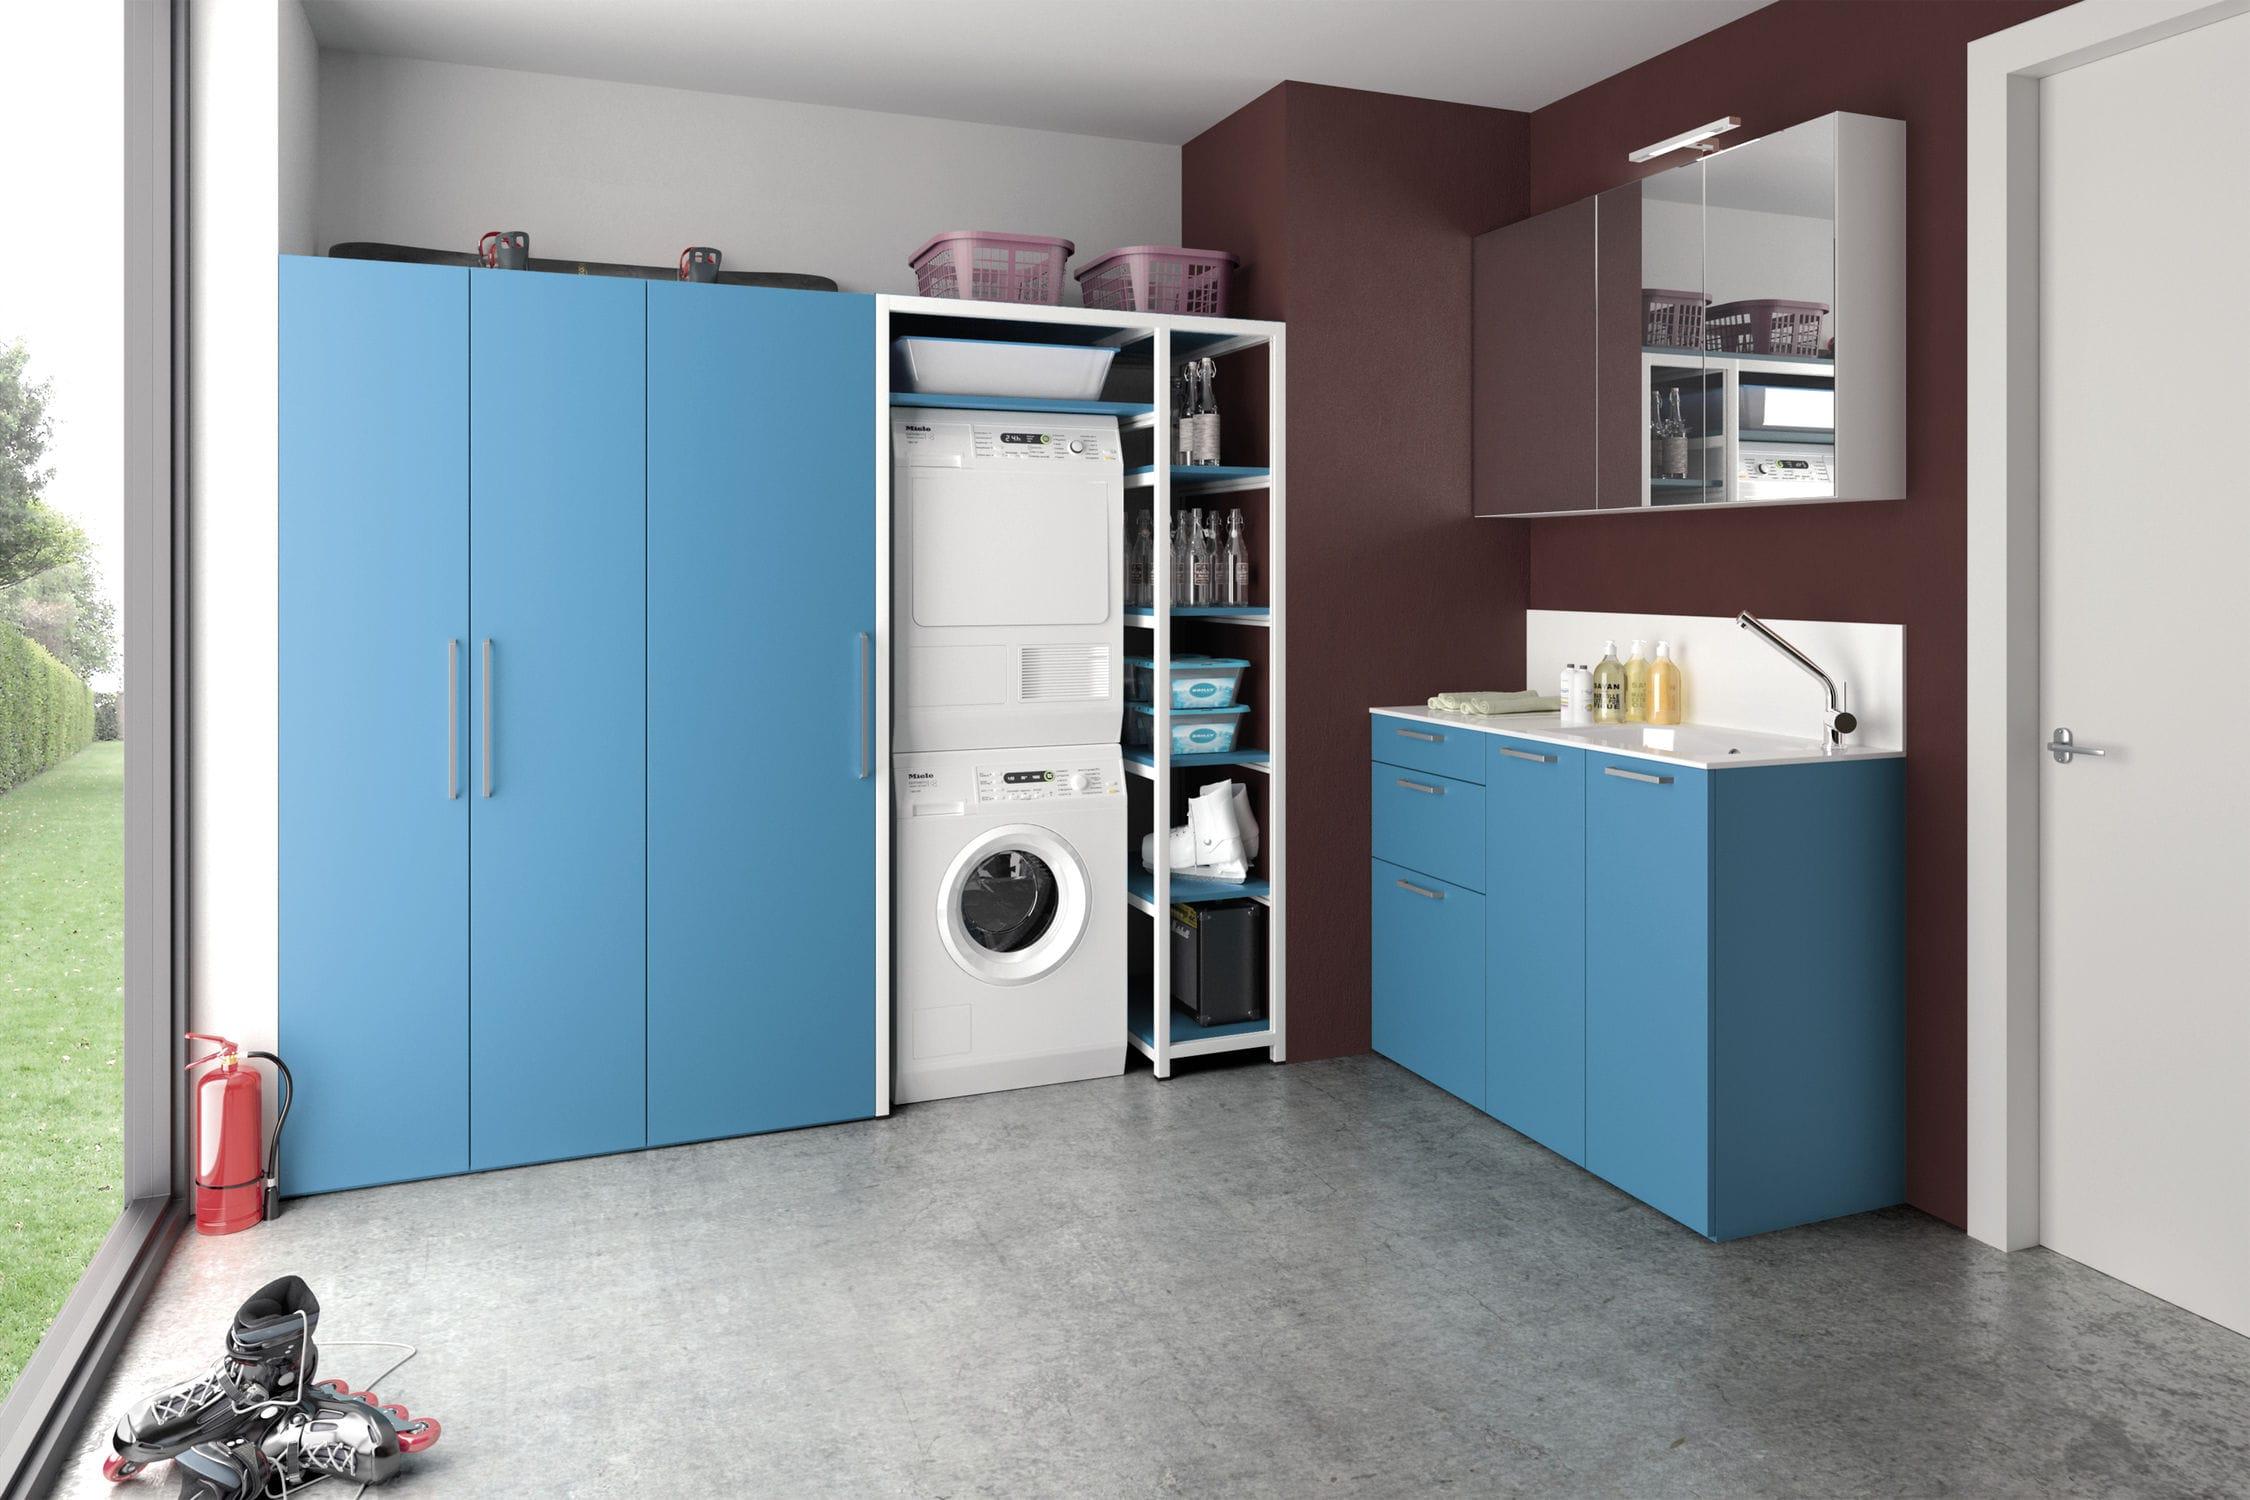 meuble de rangement pour buanderie - laundry 5 - archeda